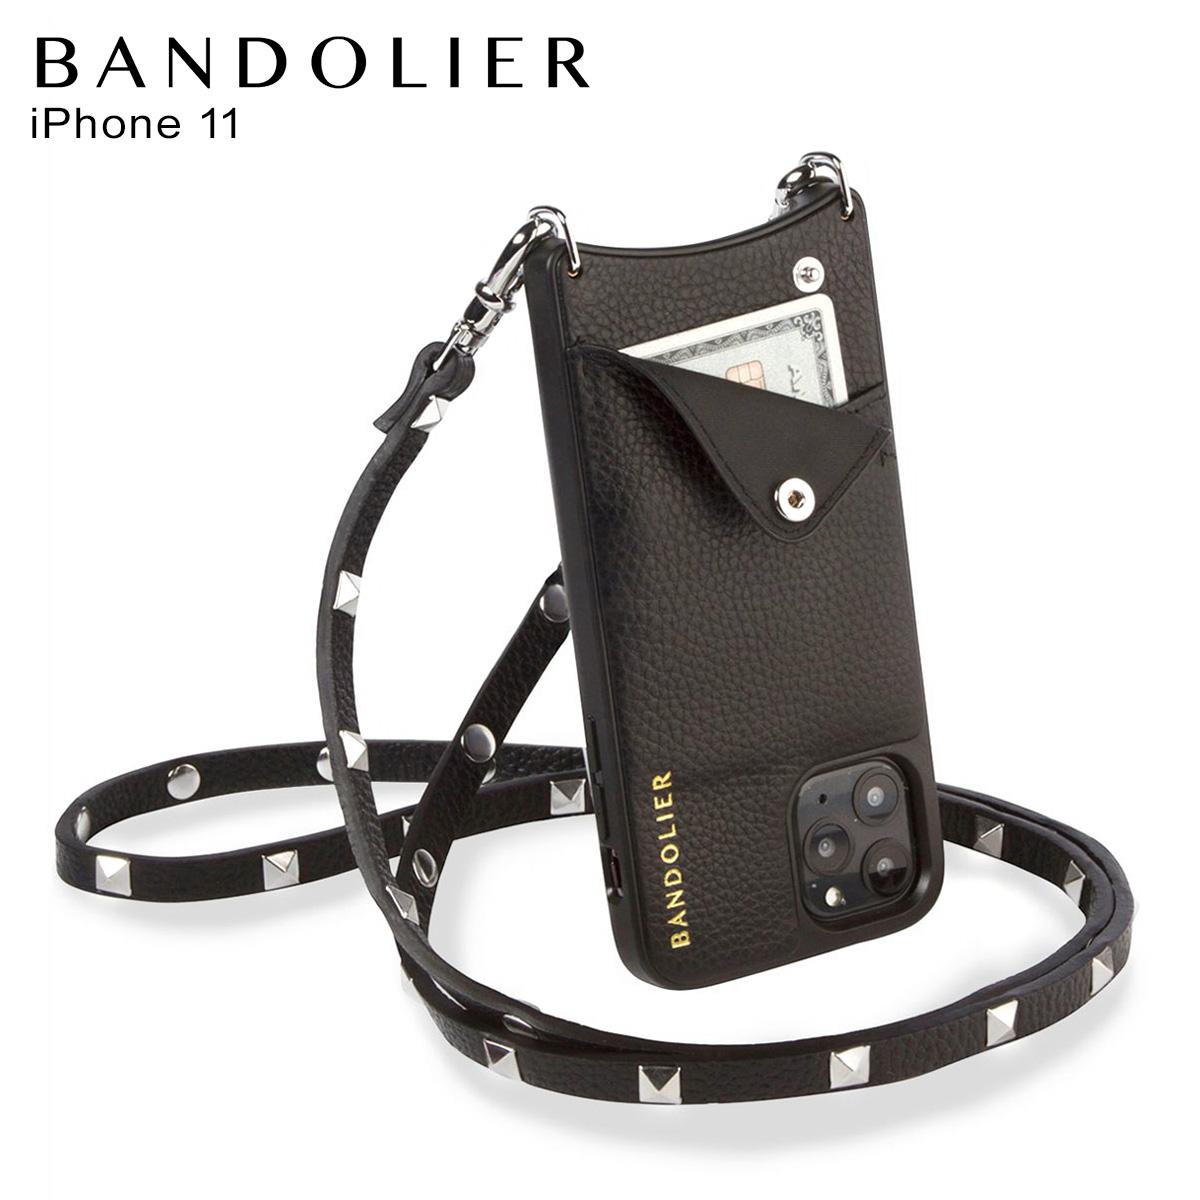 バンドリヤー BANDOLIER サラ シルバー iPhone11 ケース スマホ 携帯 ショルダー アイフォン メンズ レディース SARAH SILVER ブラック 黒 2013